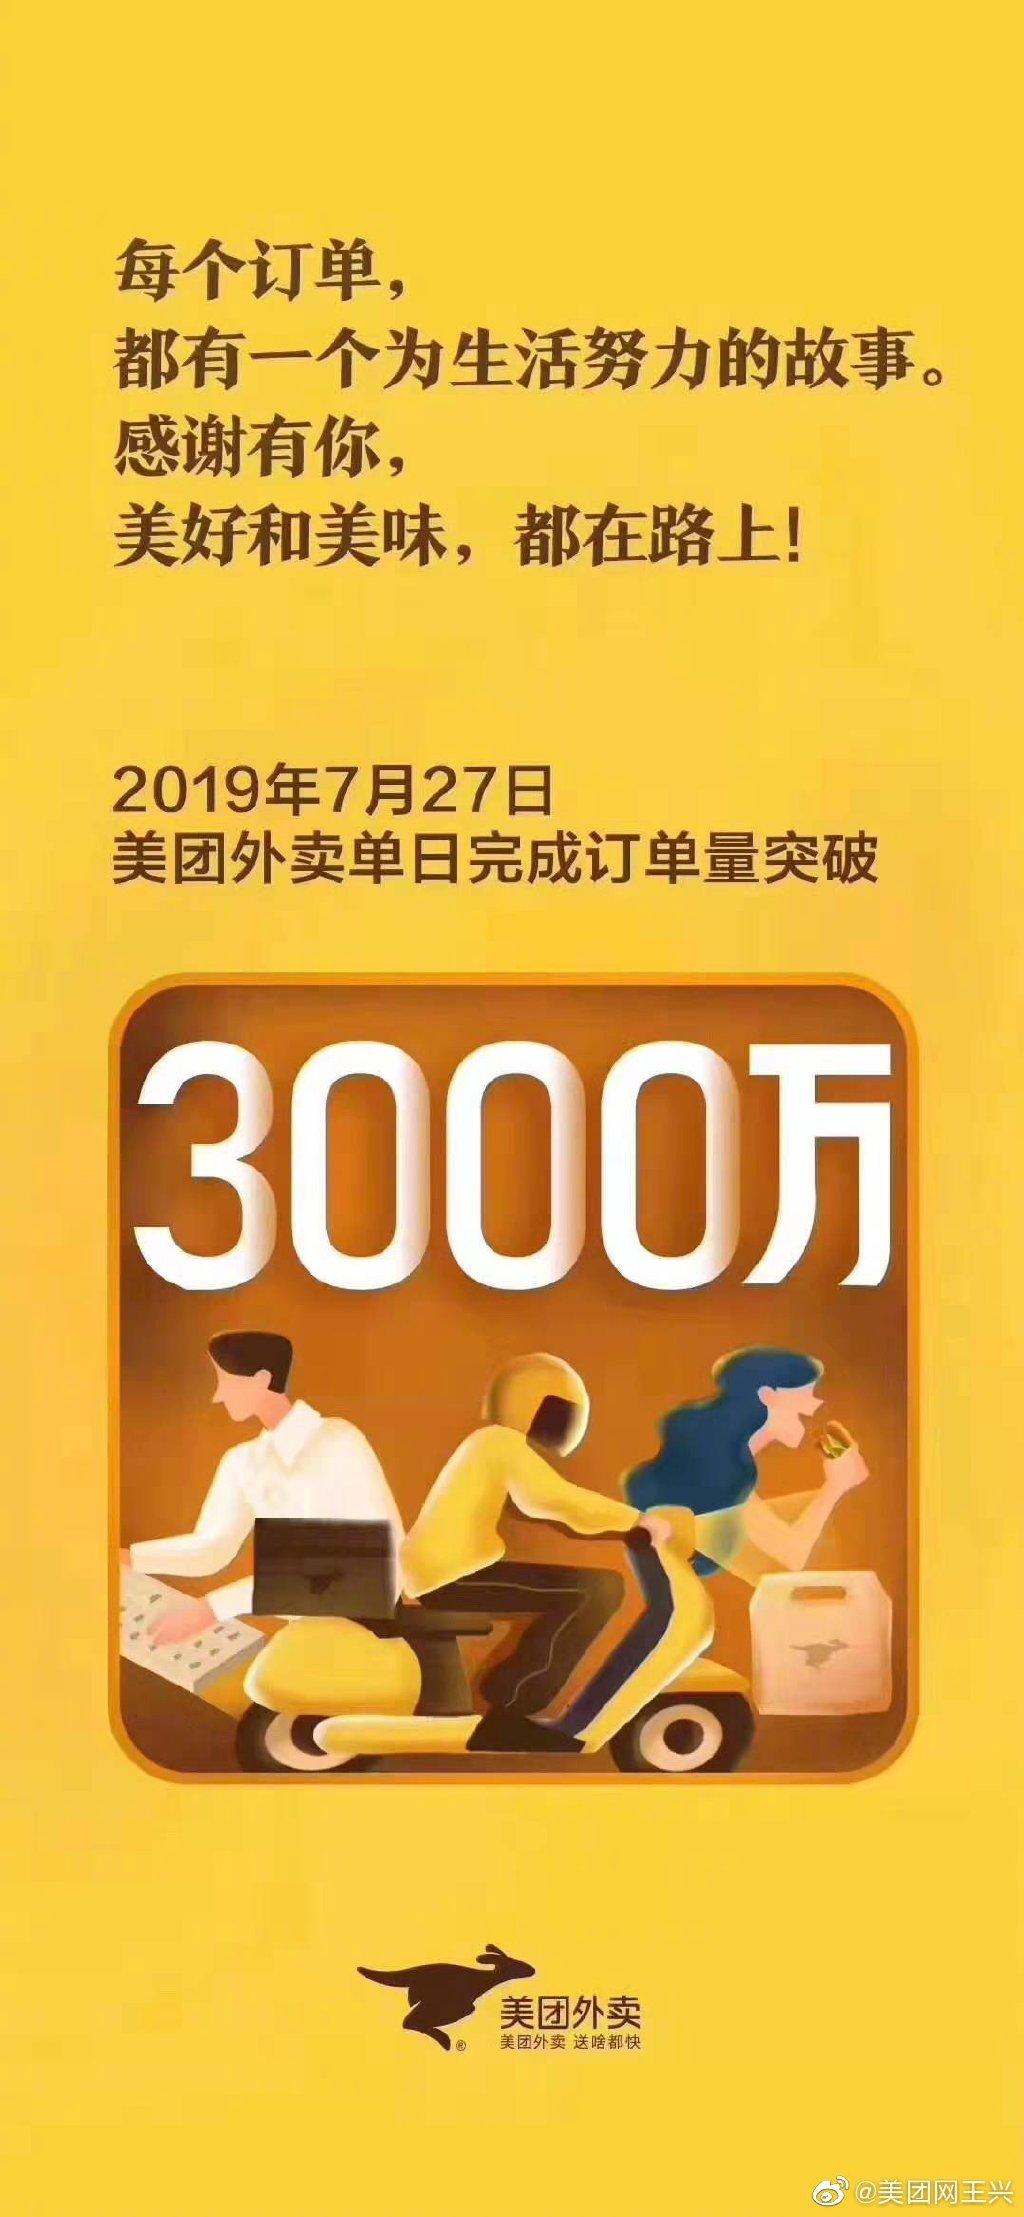 美团王兴:美团外卖一天突破3000万单